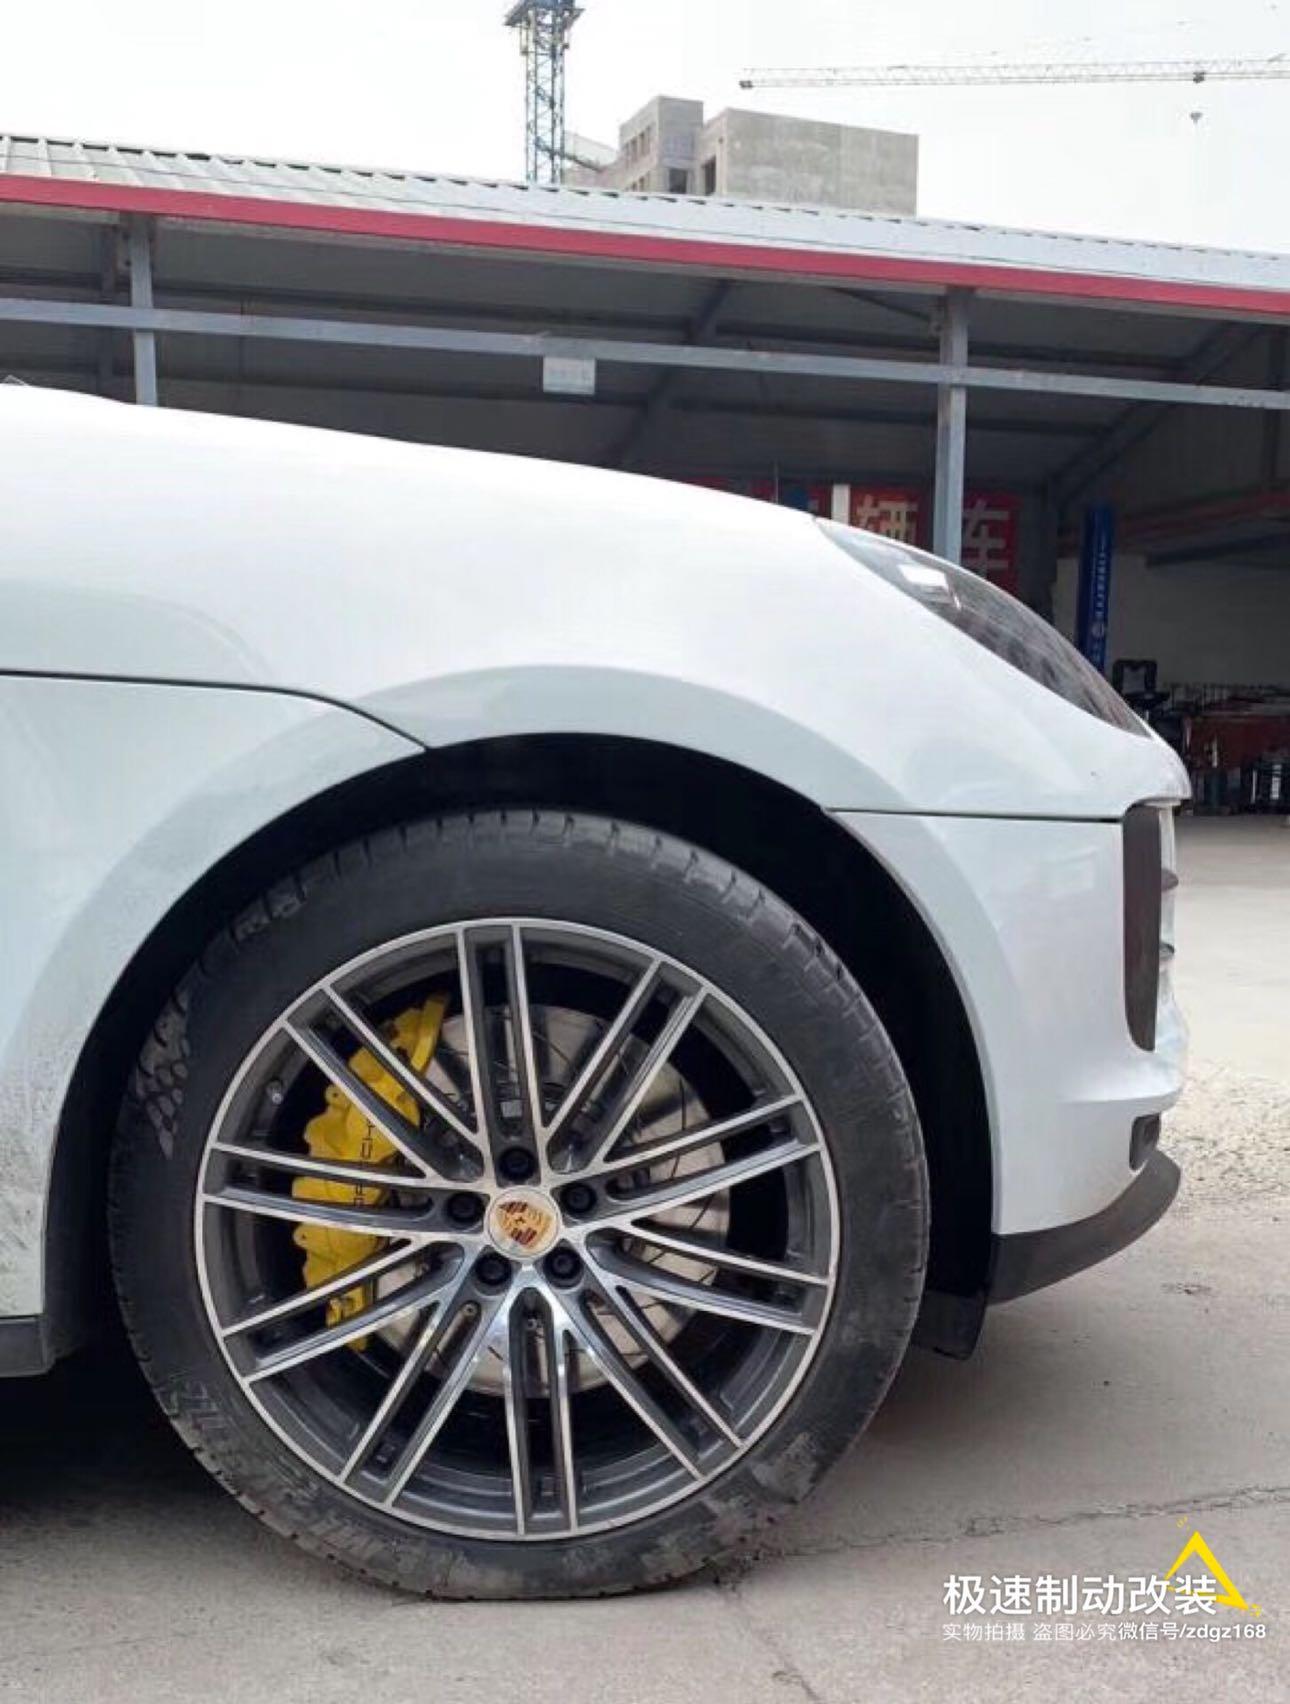 【刹车卡钳】保时捷Macan刹车升级前轮AP8520大六套装,后轮换一对加大盘,完美安装!